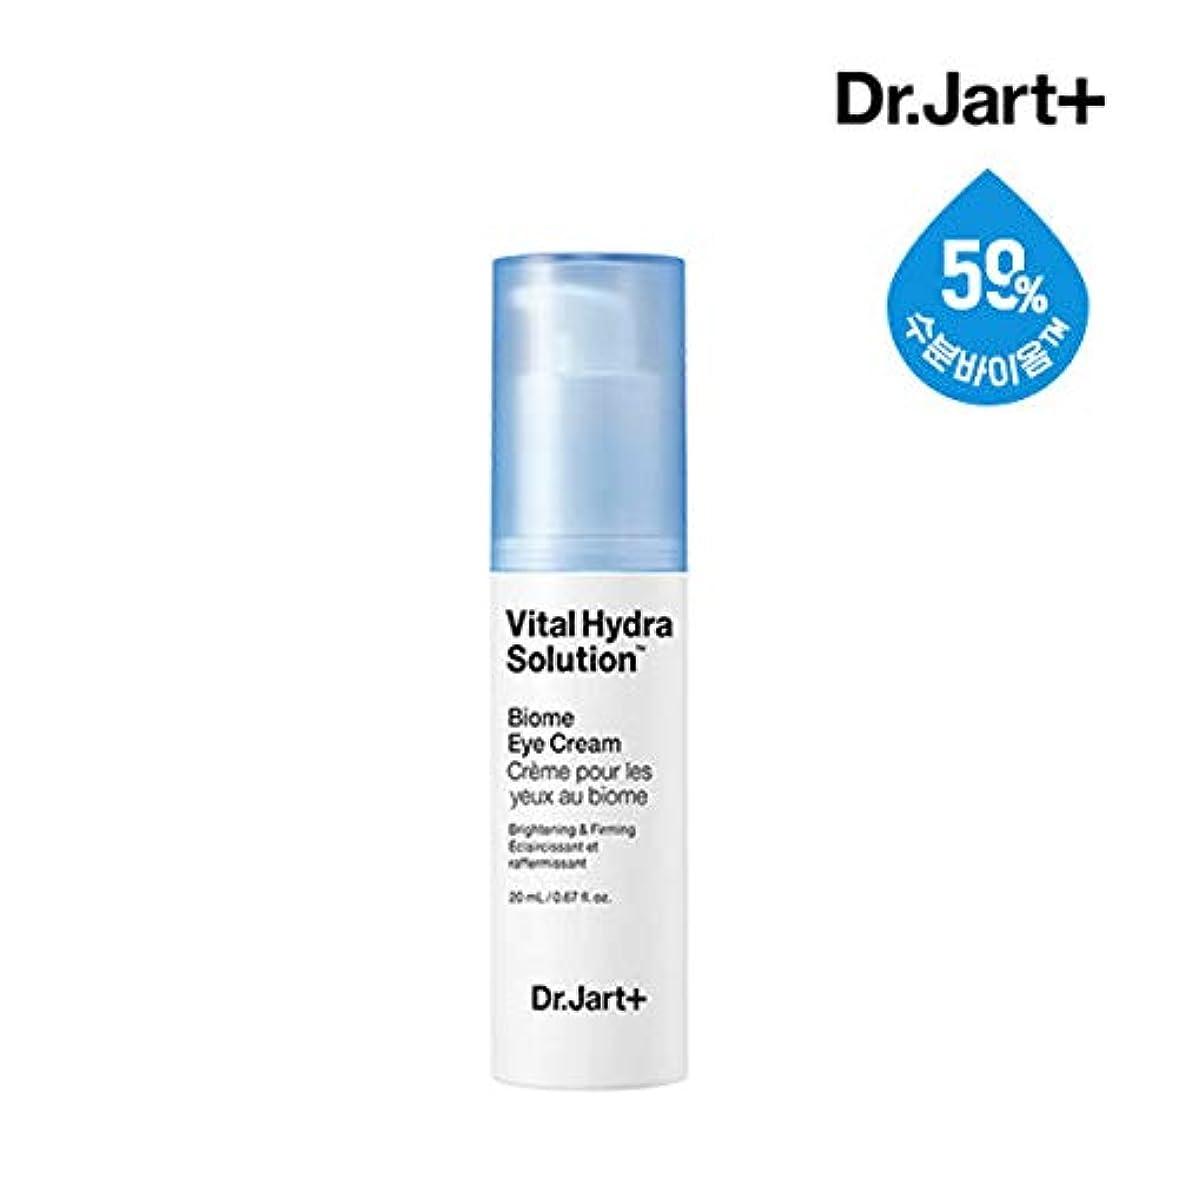 人物メモ不可能なドクタージャルトゥ[Dr.Jart+] バイタルハイドラソリューションバイオームアイクリーム20ml (Vital Hydra Solution Biome Eye Cream) / ブライトニング&ファーミング